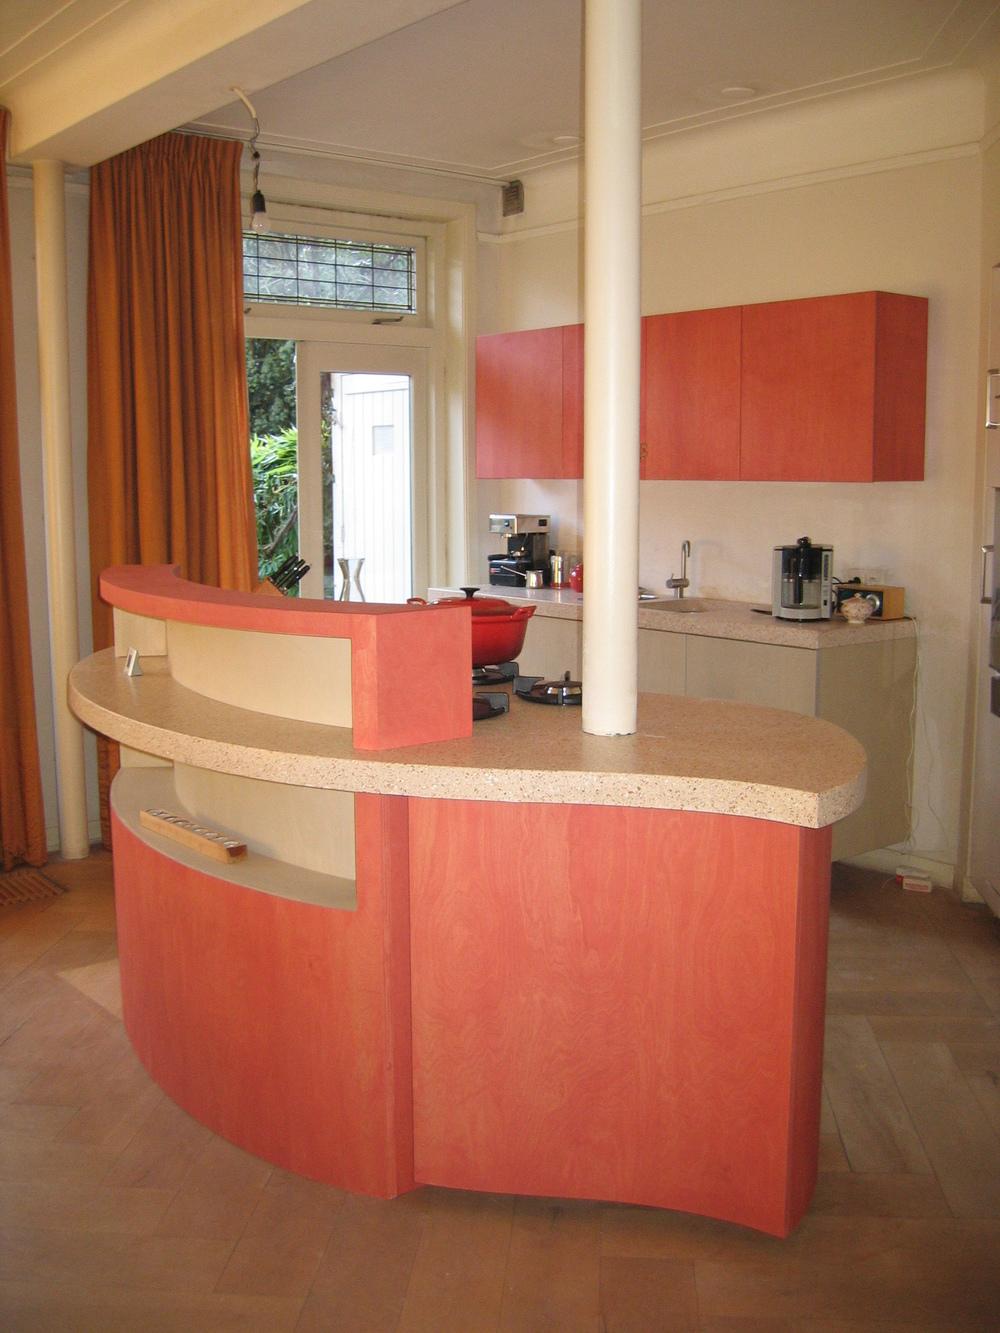 druppelvormig kookeiland in berkenmultiplex en terrazzo